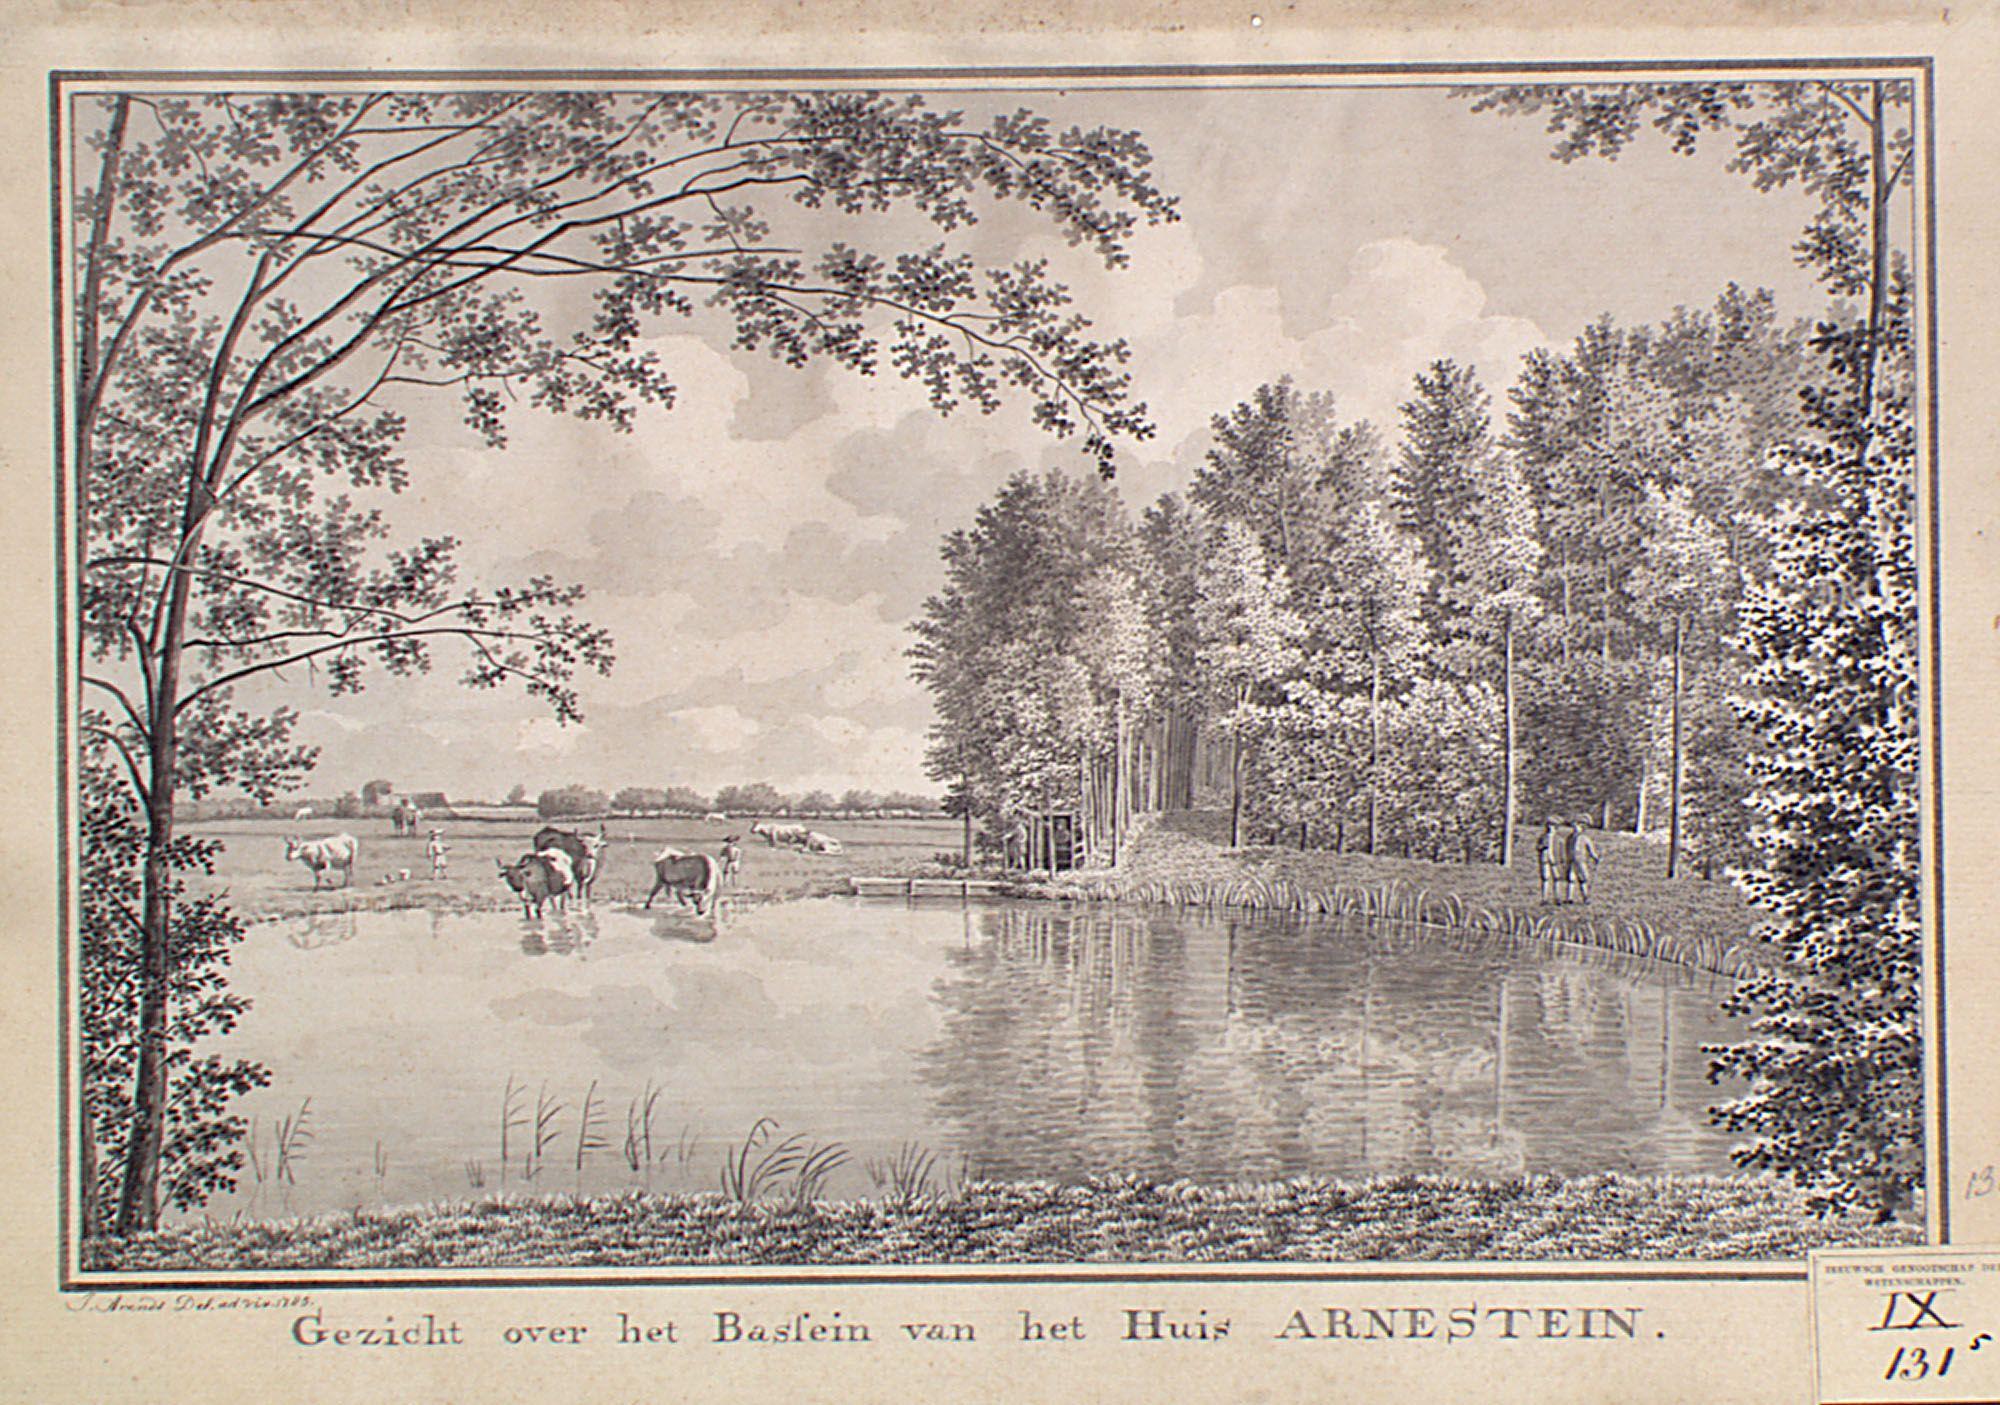 Gezicht op de vijver van het huis Arnestein in Middelburg. Tekening van Jan Arends, 1785. (Zeeuws Archief, collectie Zeeuws Genootschap, Zelandia Illustrata)